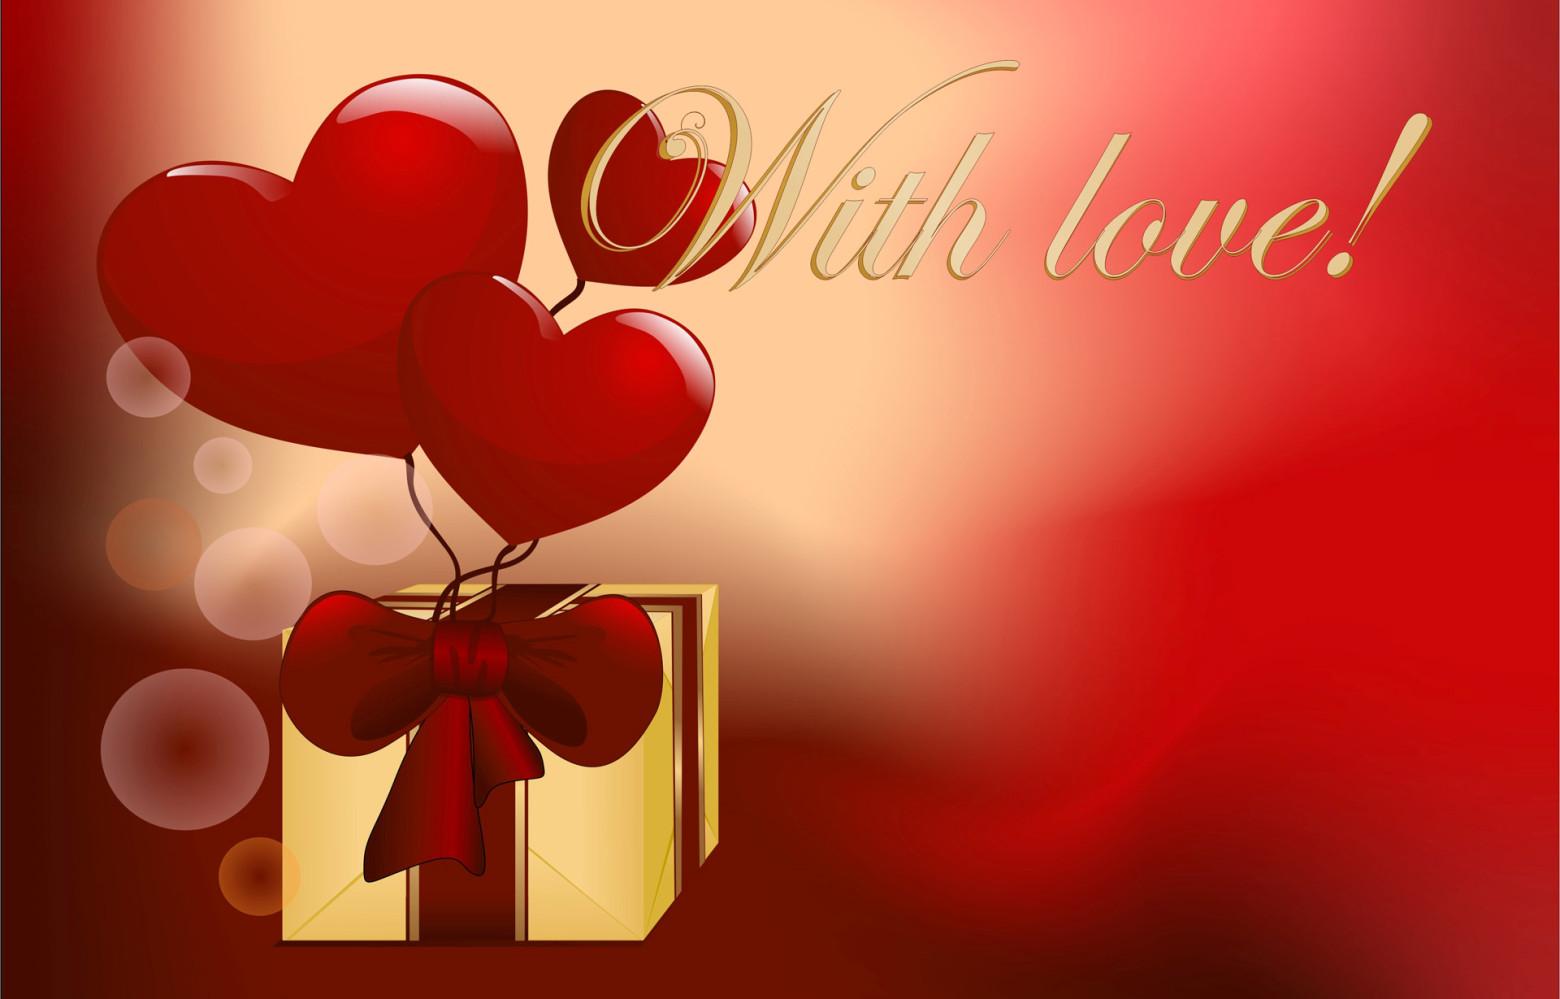 Cadeau Amour Coeur Love Saint Valentin Images Gratuites Et Libres De Droits